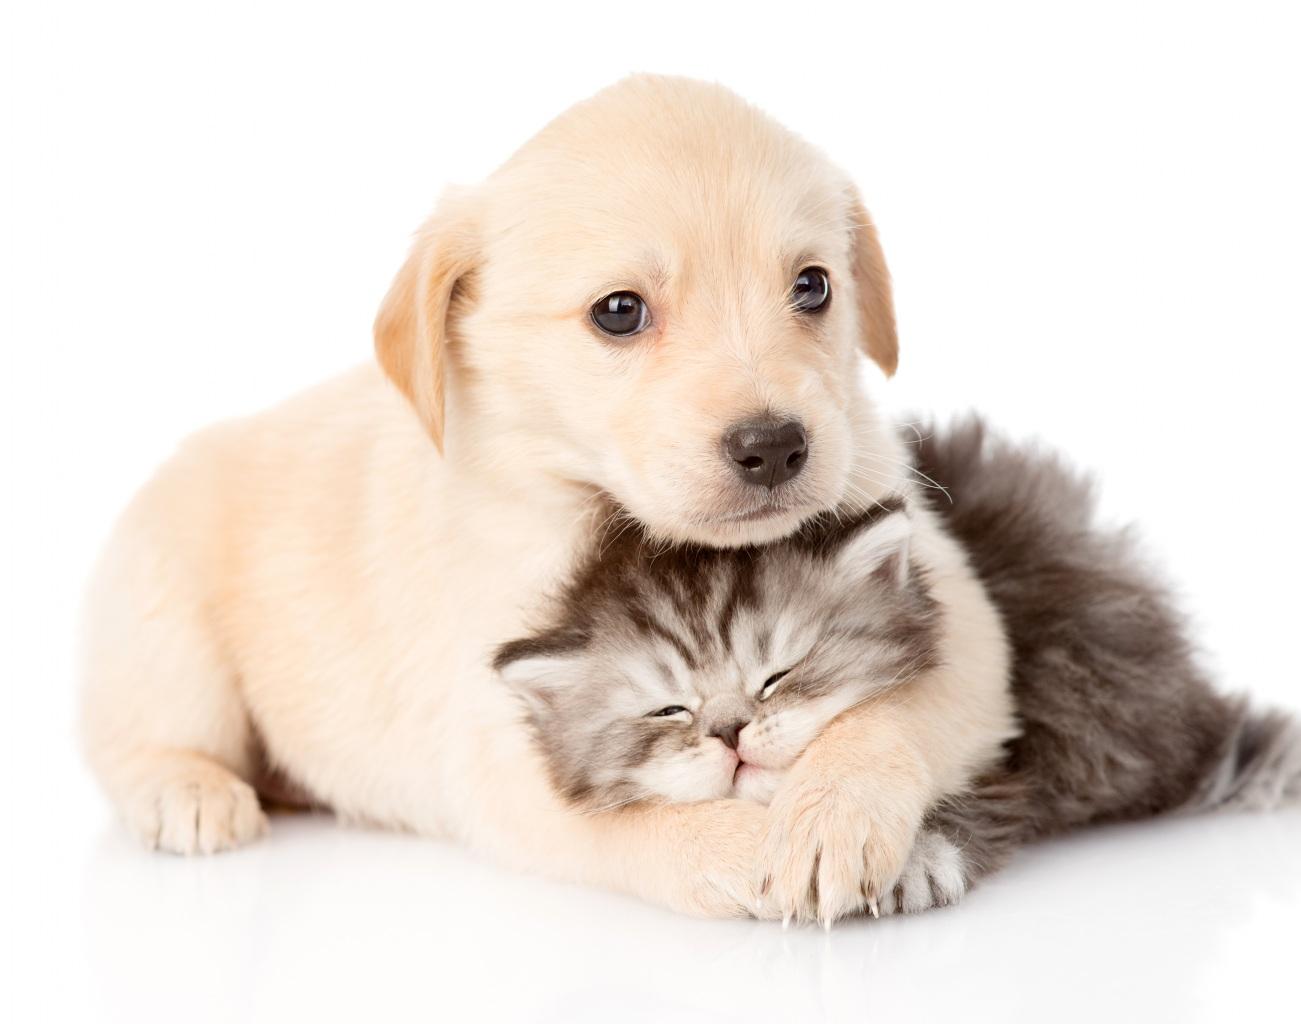 Znalezione obrazy dla zapytania zbiórka dla zwierząt szkoła